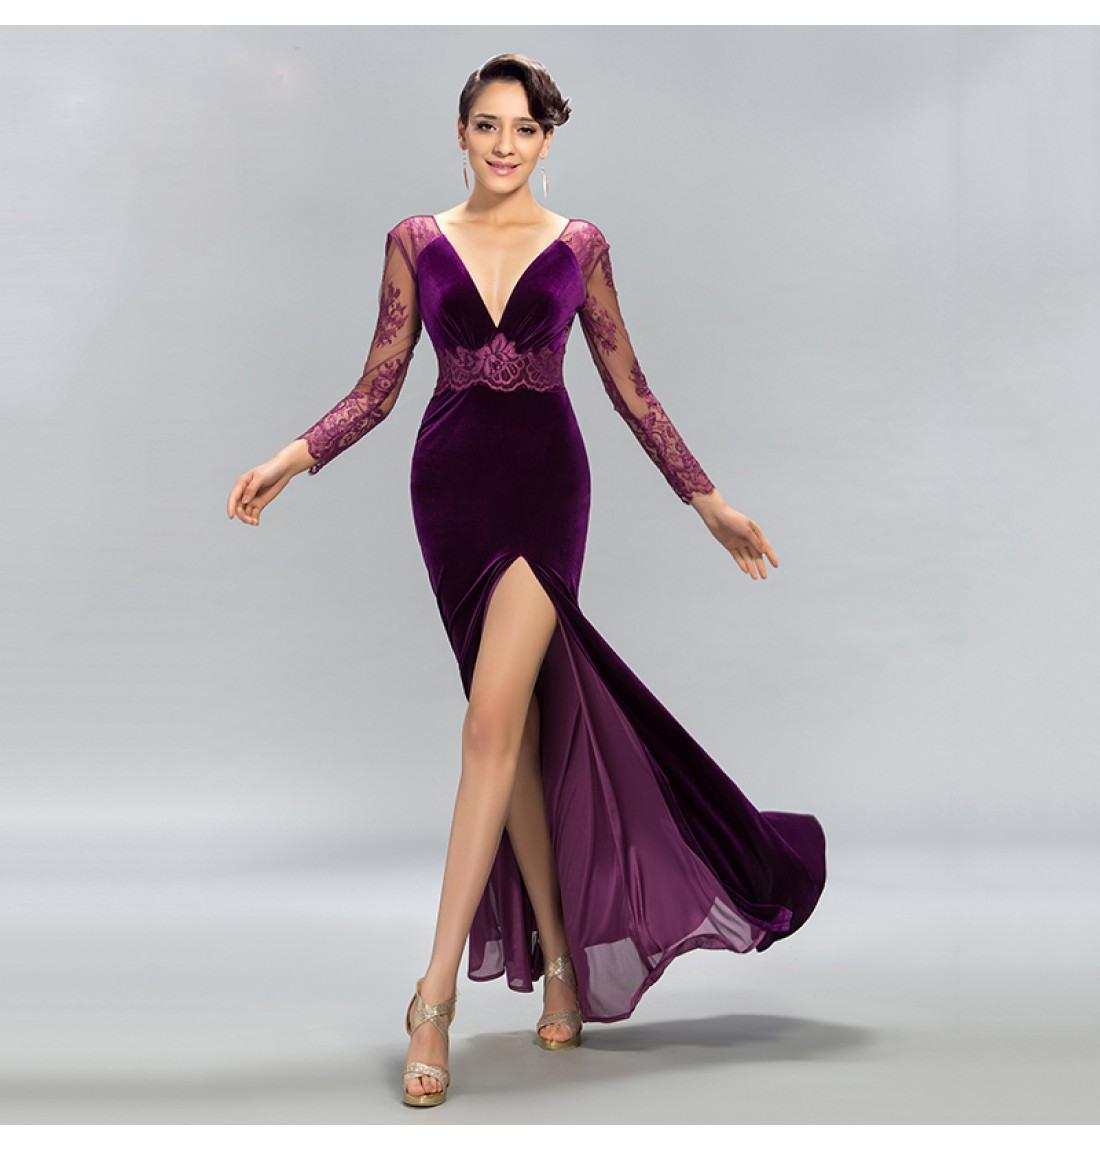 Top Abendkleid Auf Rechnung Galerie20 Elegant Abendkleid Auf Rechnung Boutique